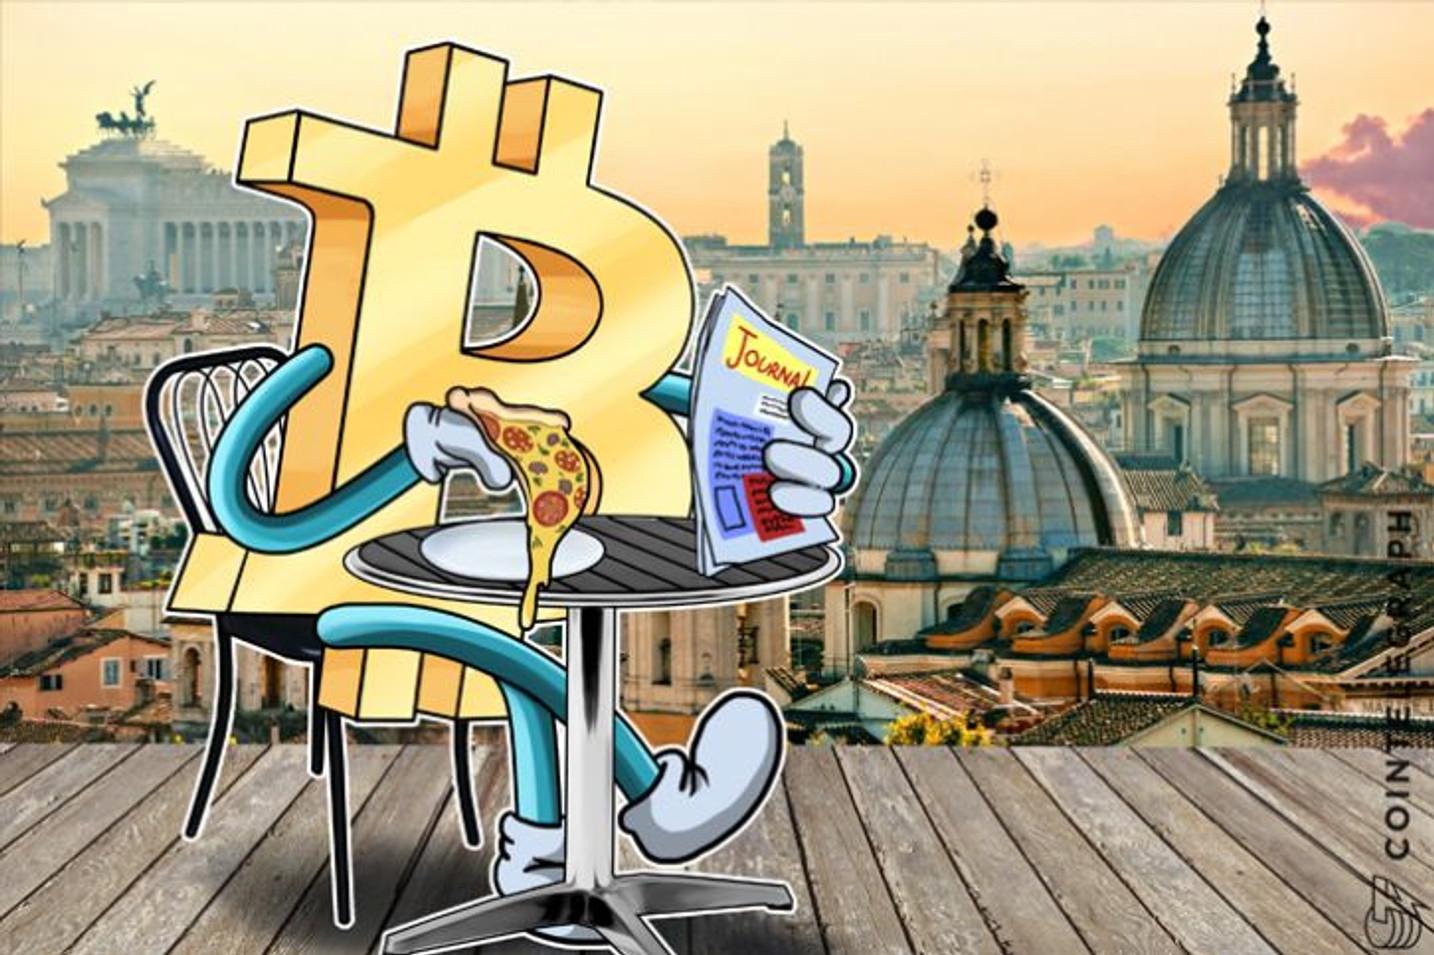 Najveći projekti vezani za Bitkoin u Italiji